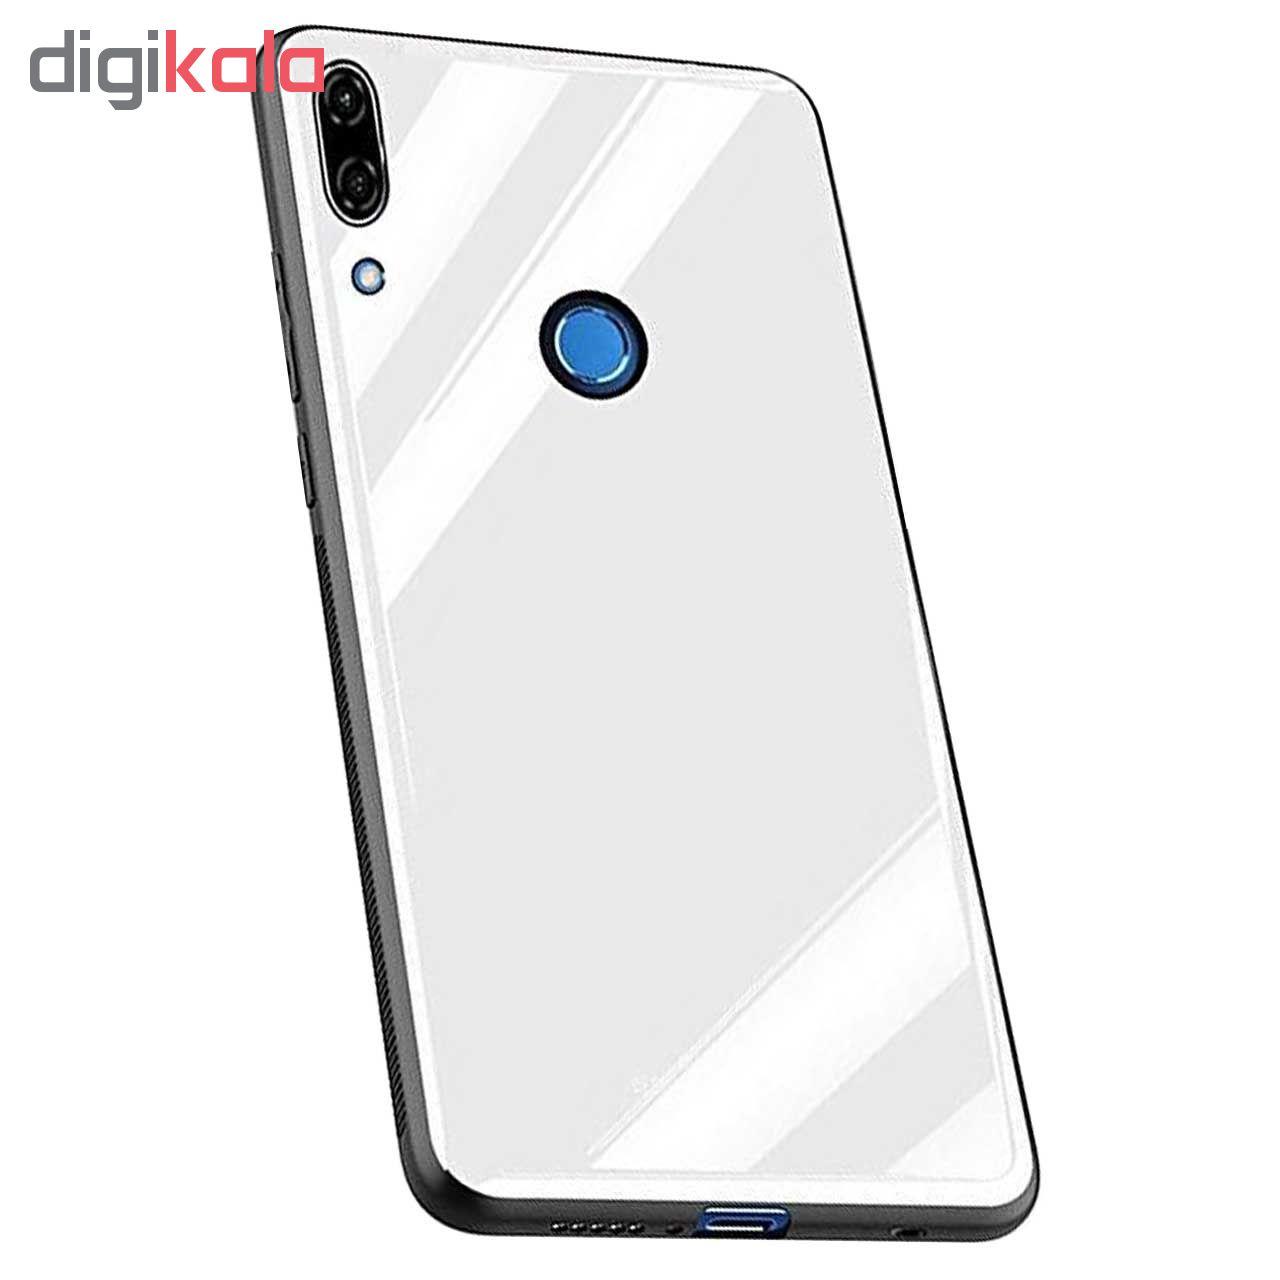 کاور کینگ کونگ مدل PG02 مناسب برای گوشی موبایل هوآوی Y9 2019 main 1 2